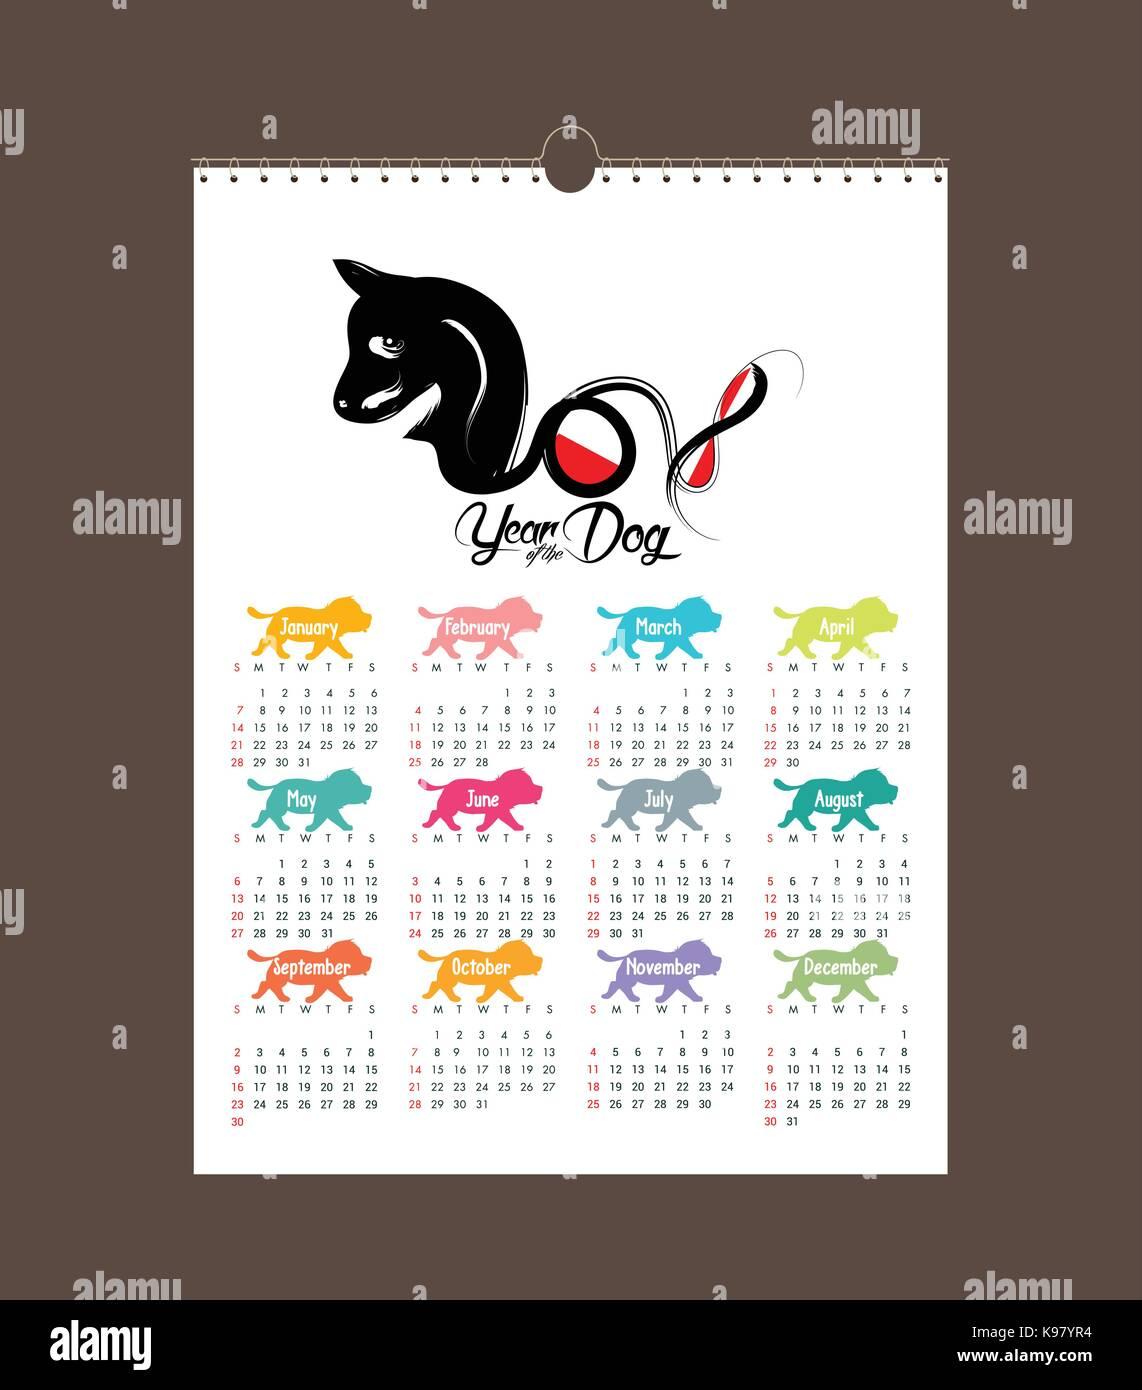 kalender 2018 design chinesisches neues jahr das jahr. Black Bedroom Furniture Sets. Home Design Ideas